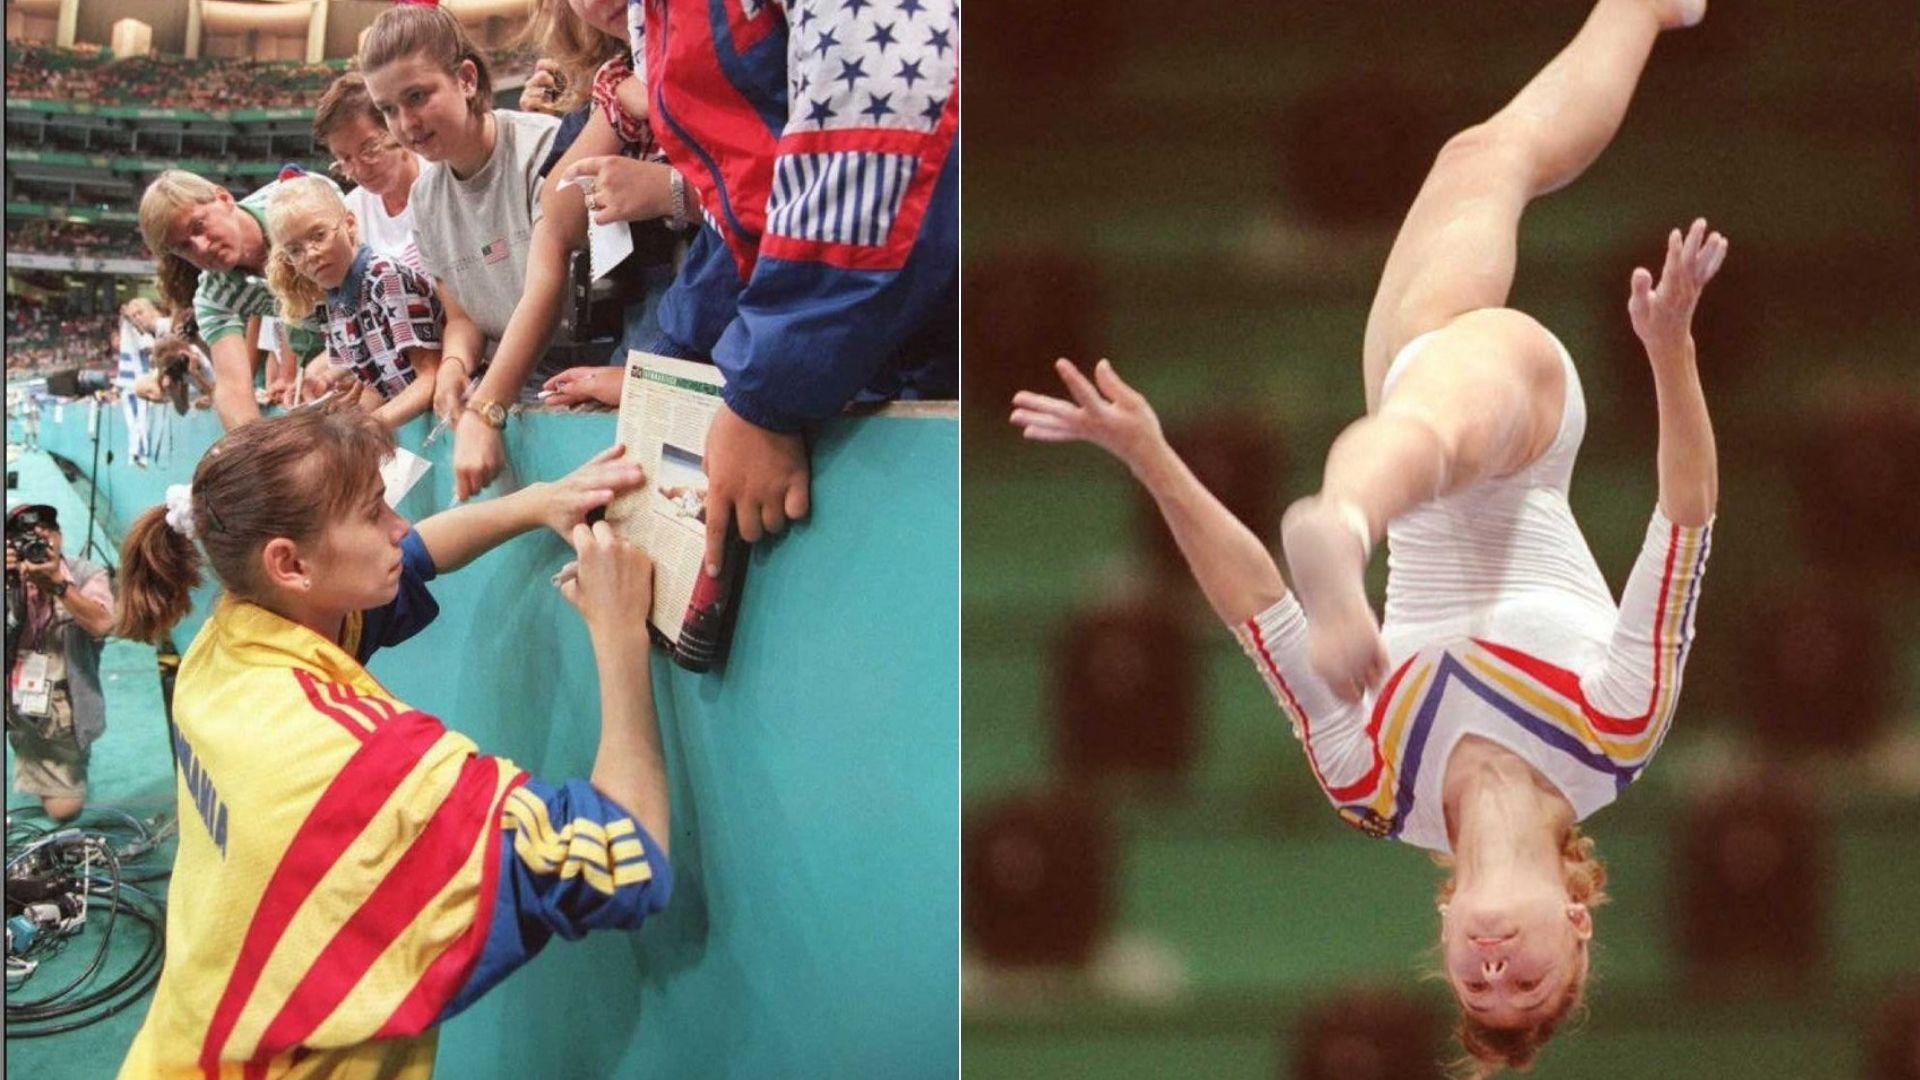 Ce s-a întâmplat cu Lavinia Miloșovici și cum arată acum sportiva. A luat ultima notă 10 din istorie la gimastică